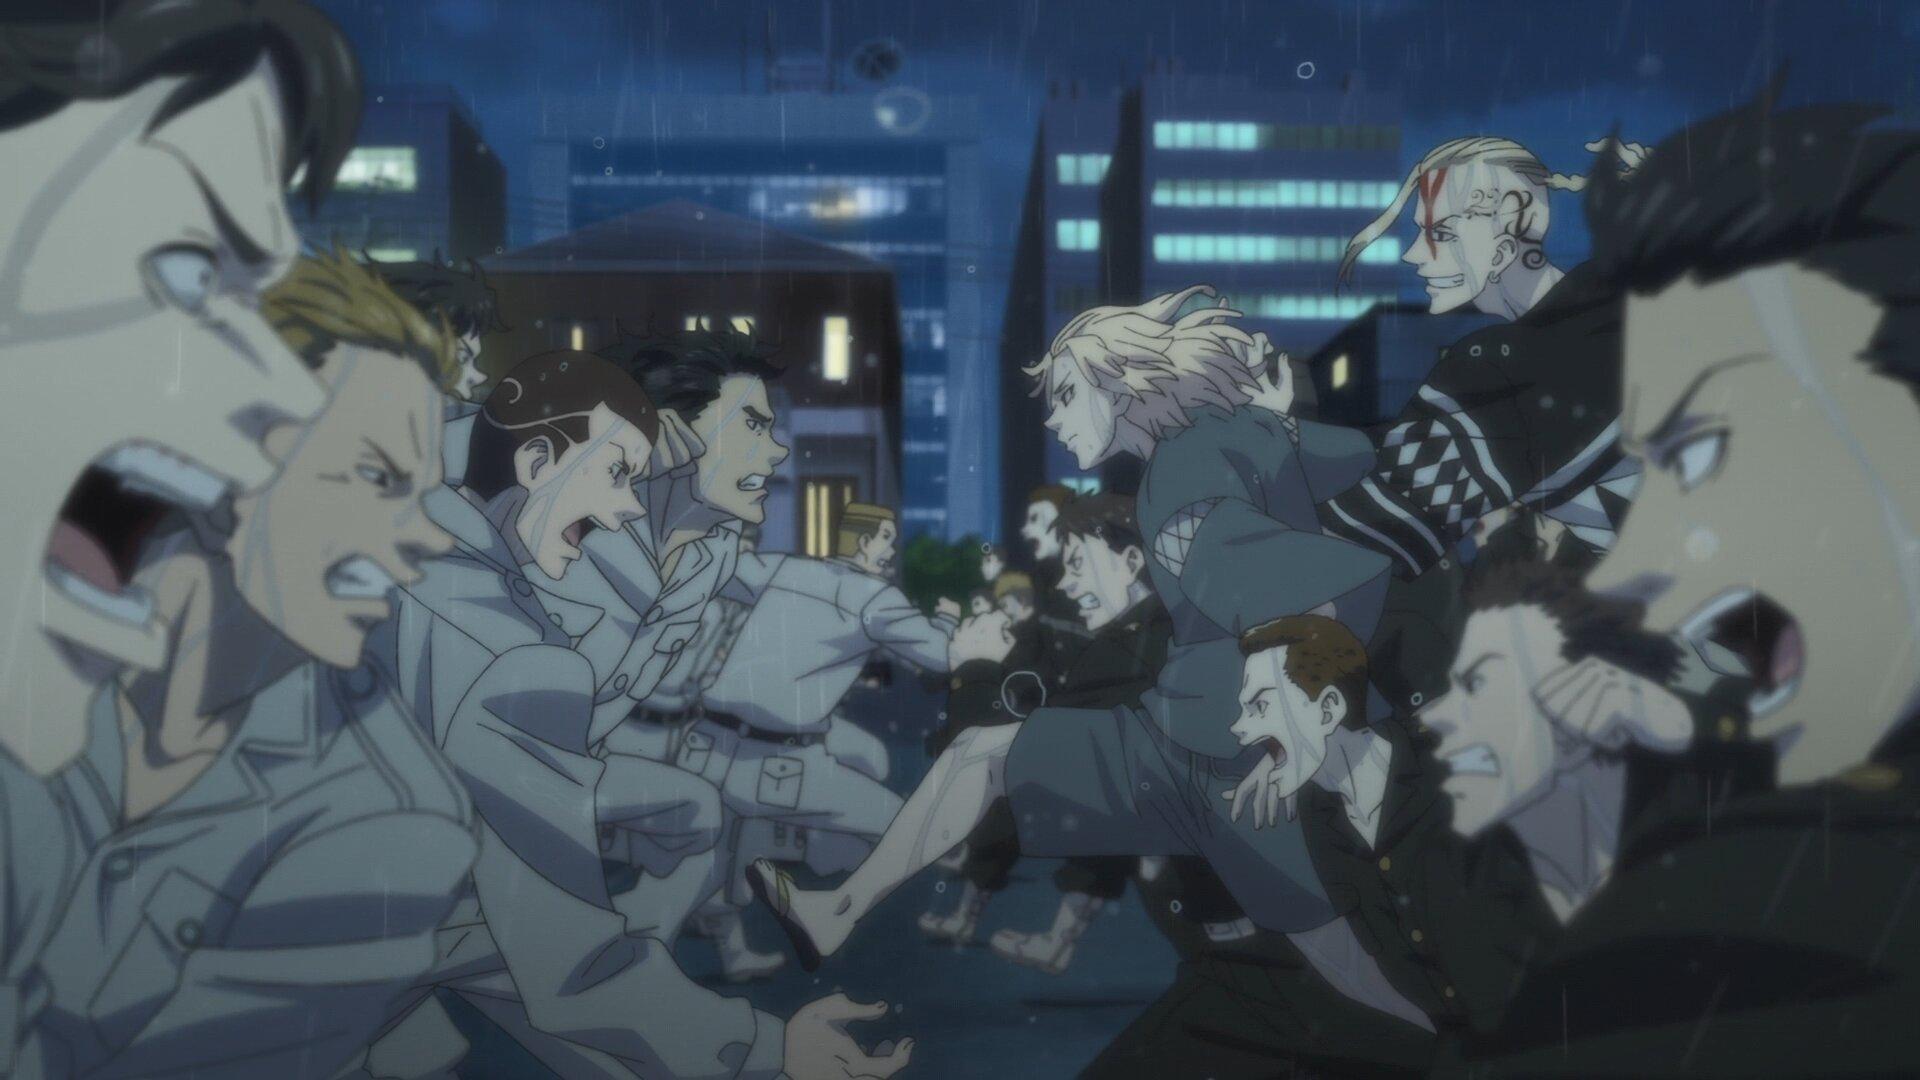 tokyo revengers 15167 1 - OB Analisa | Tokyo Revengers (parte 1)